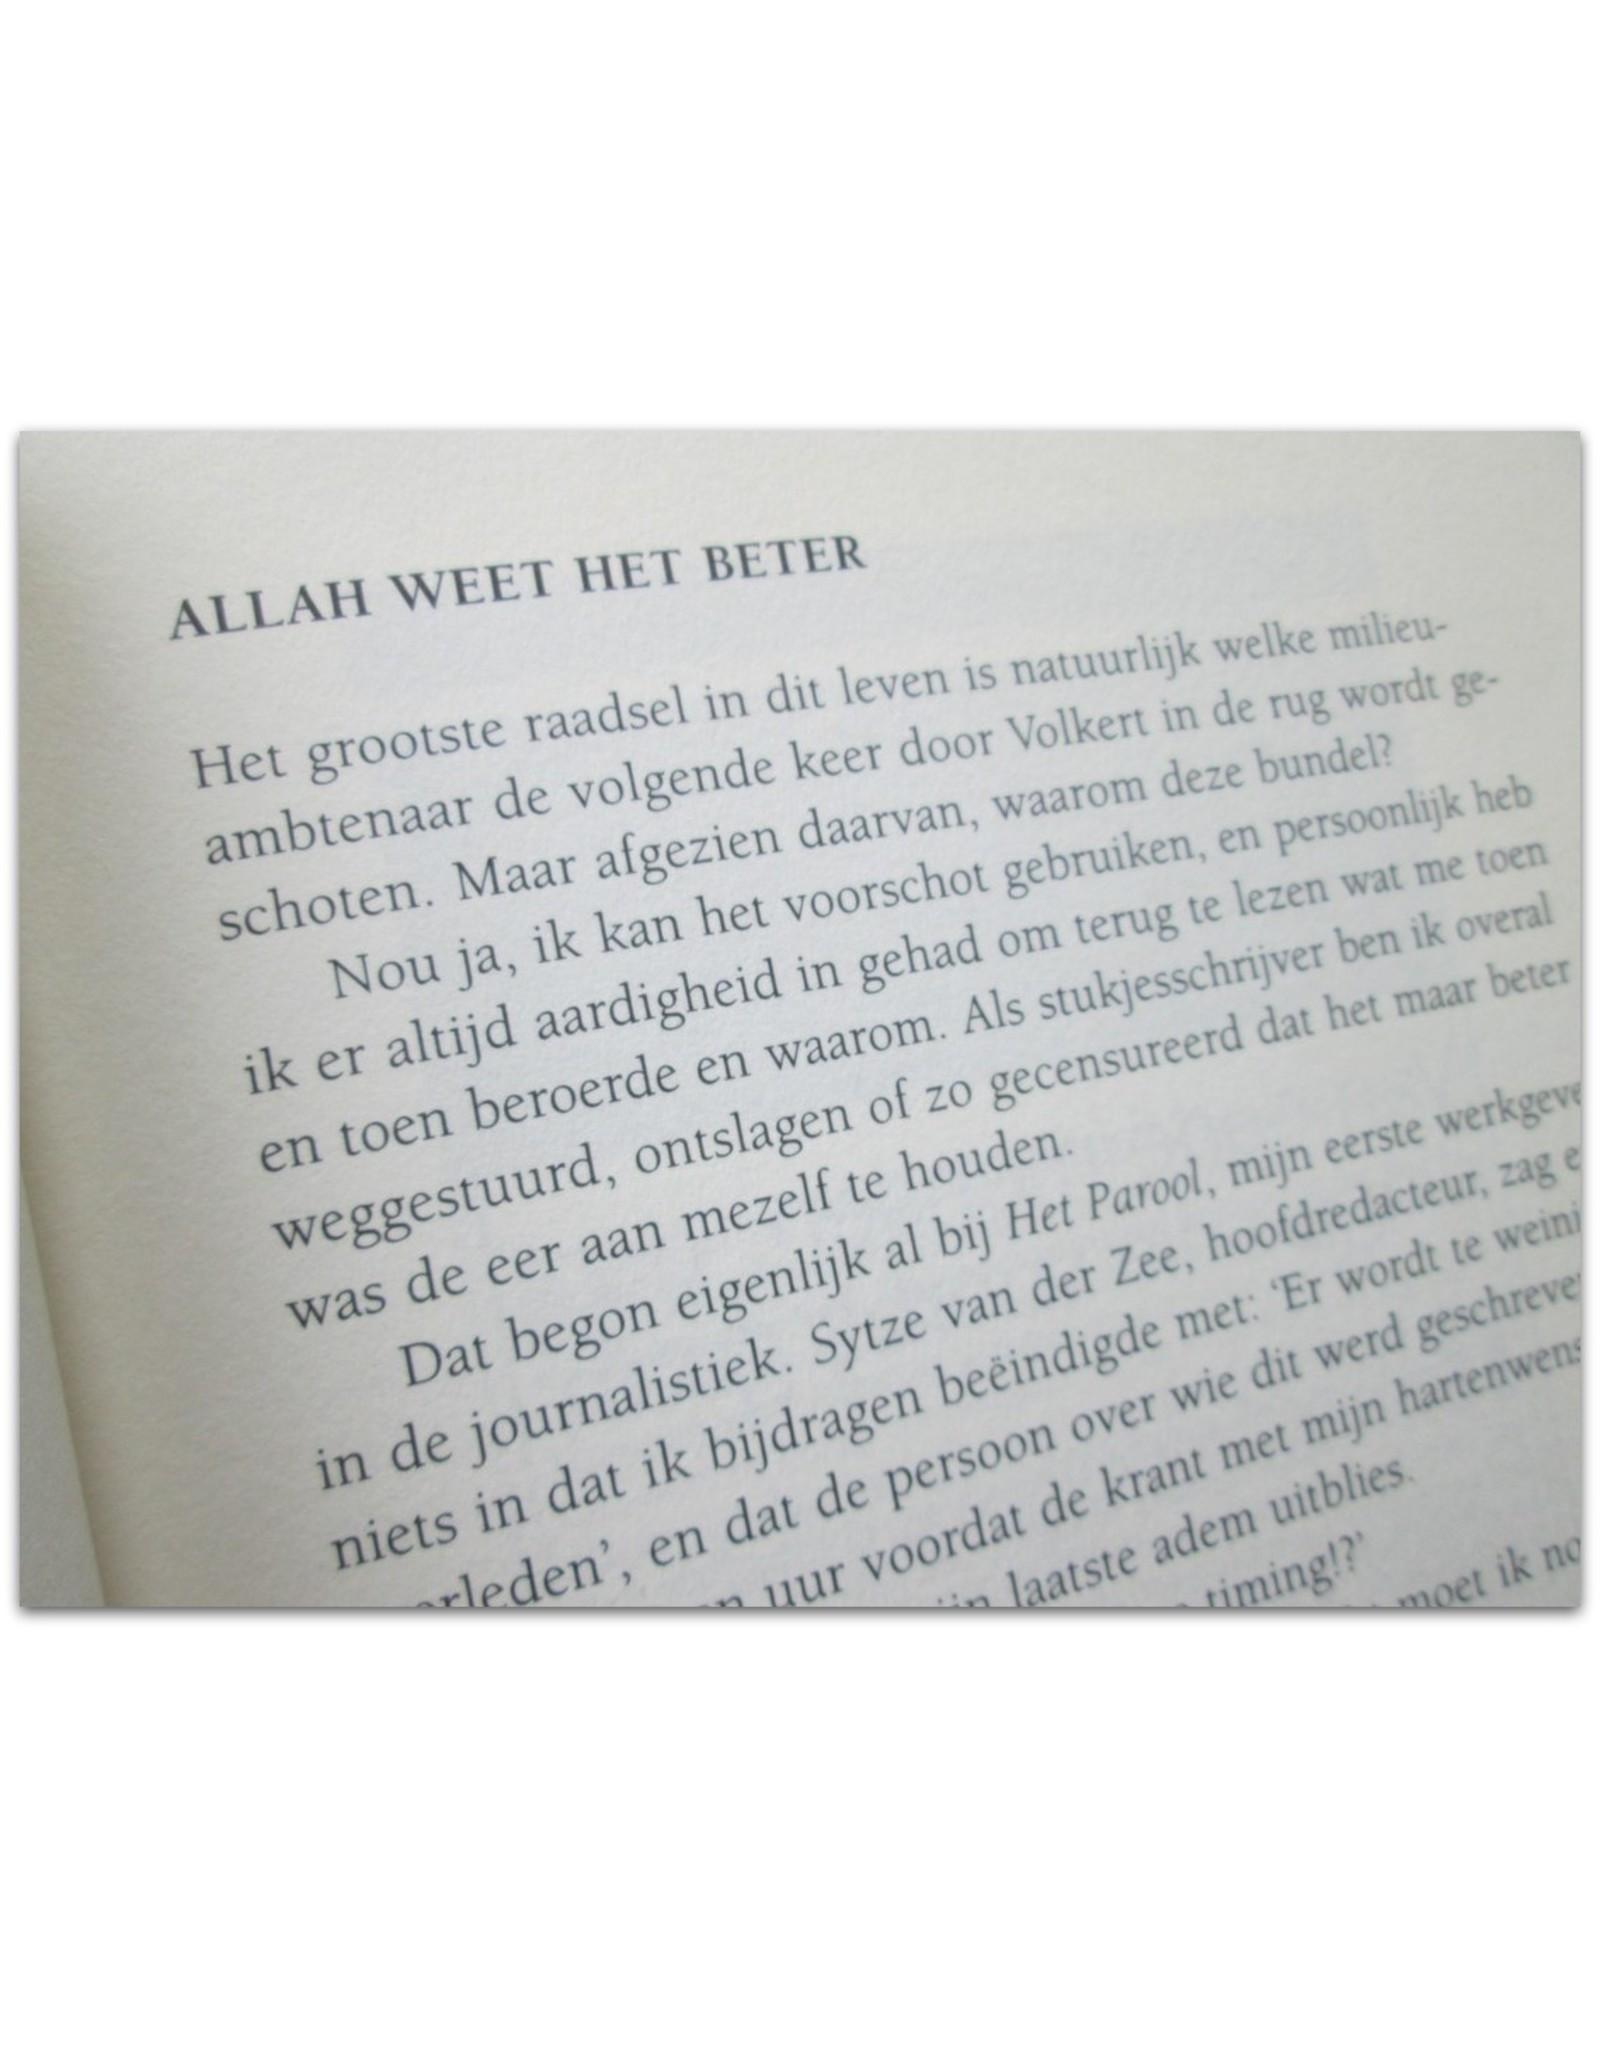 Theo van Gogh - Allah weet het beter